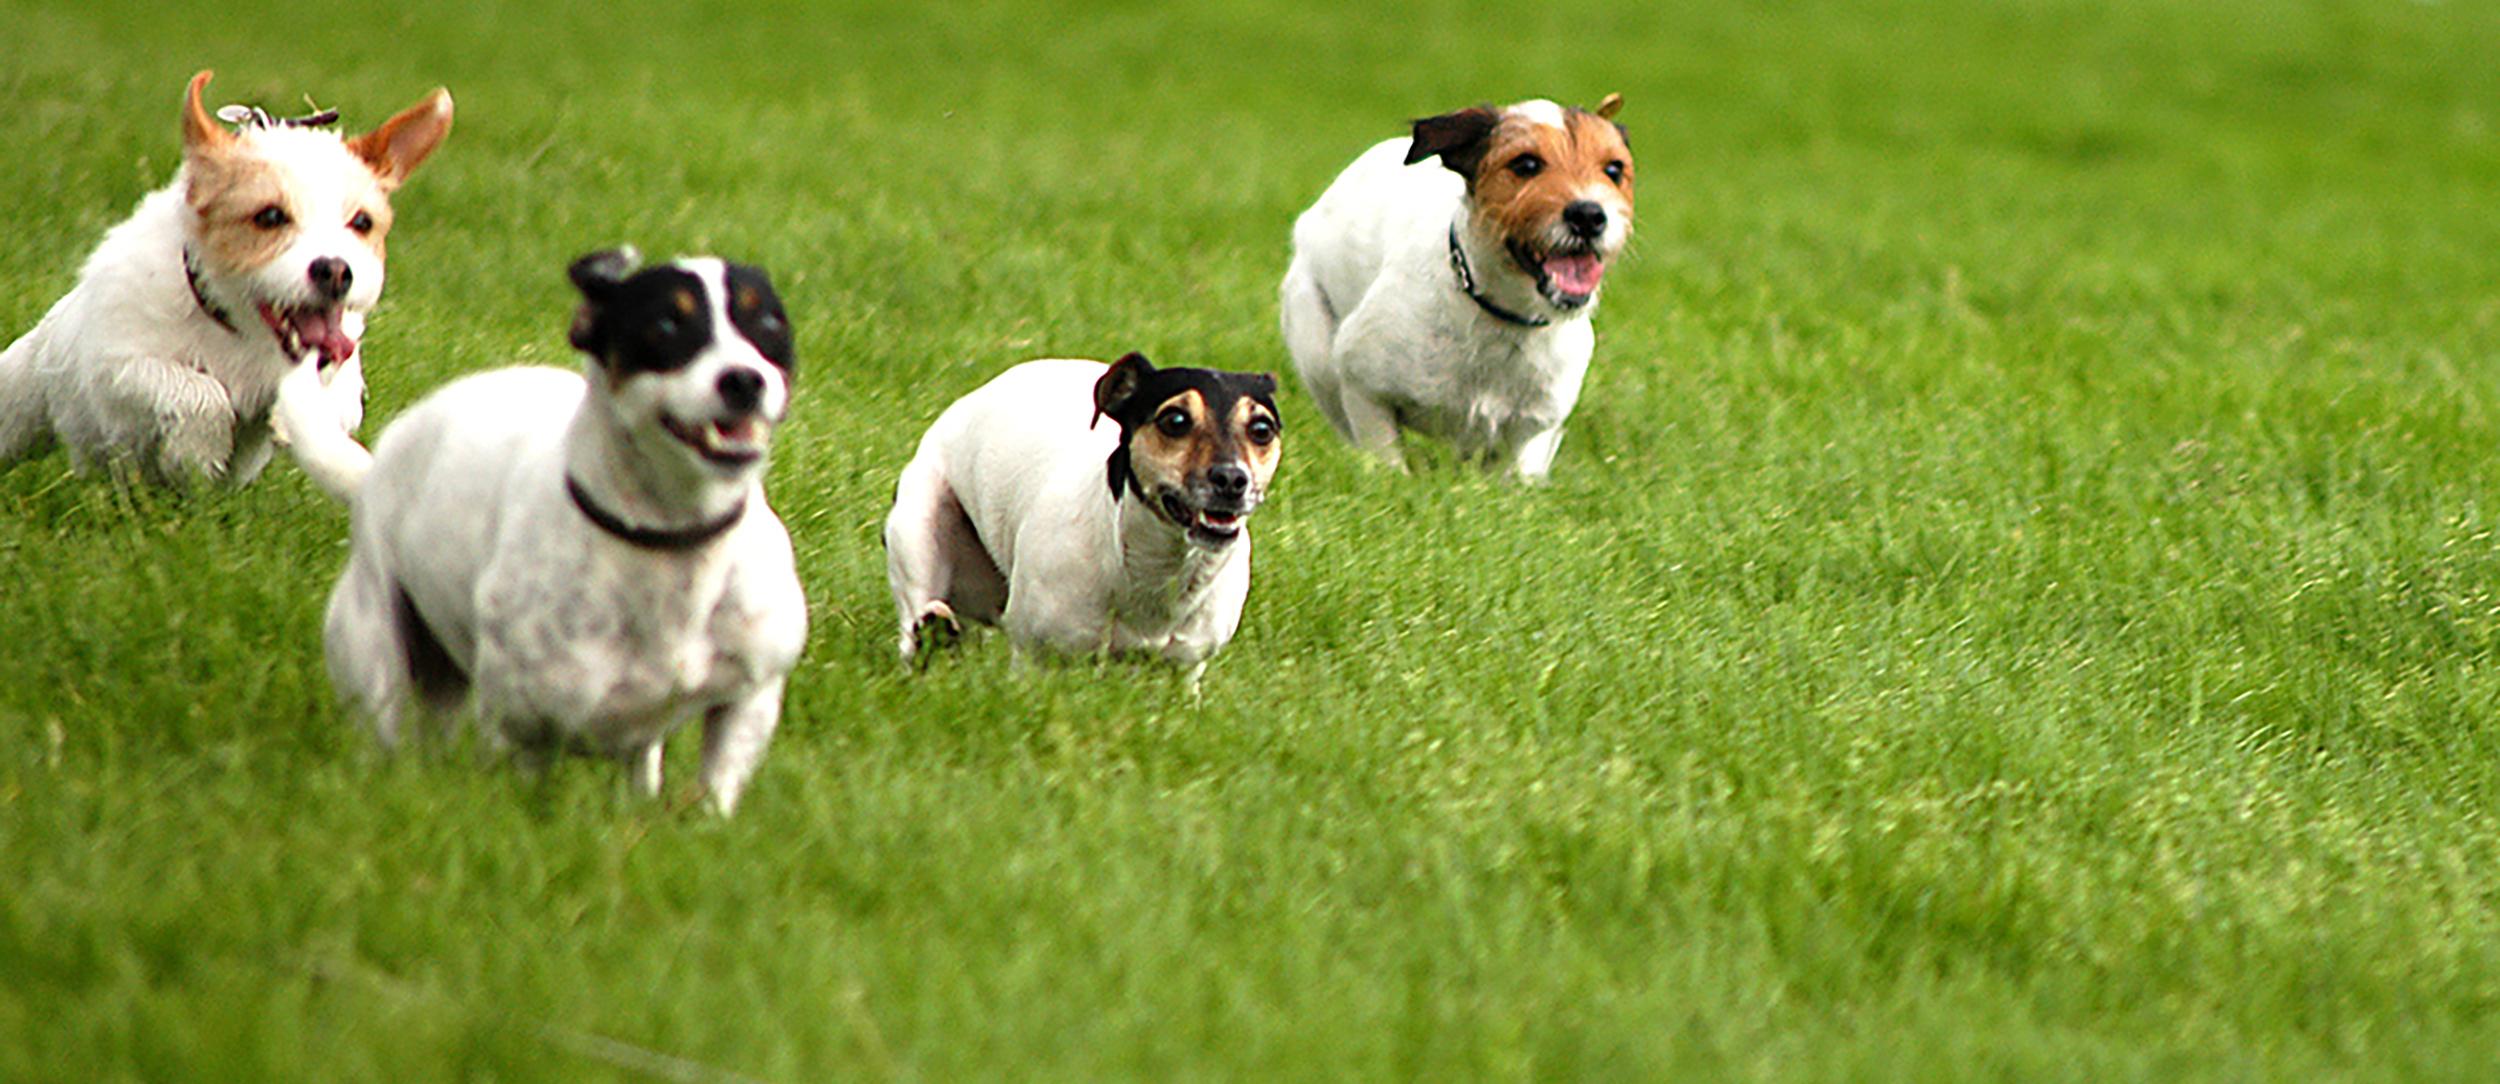 Four Terriers running across a field